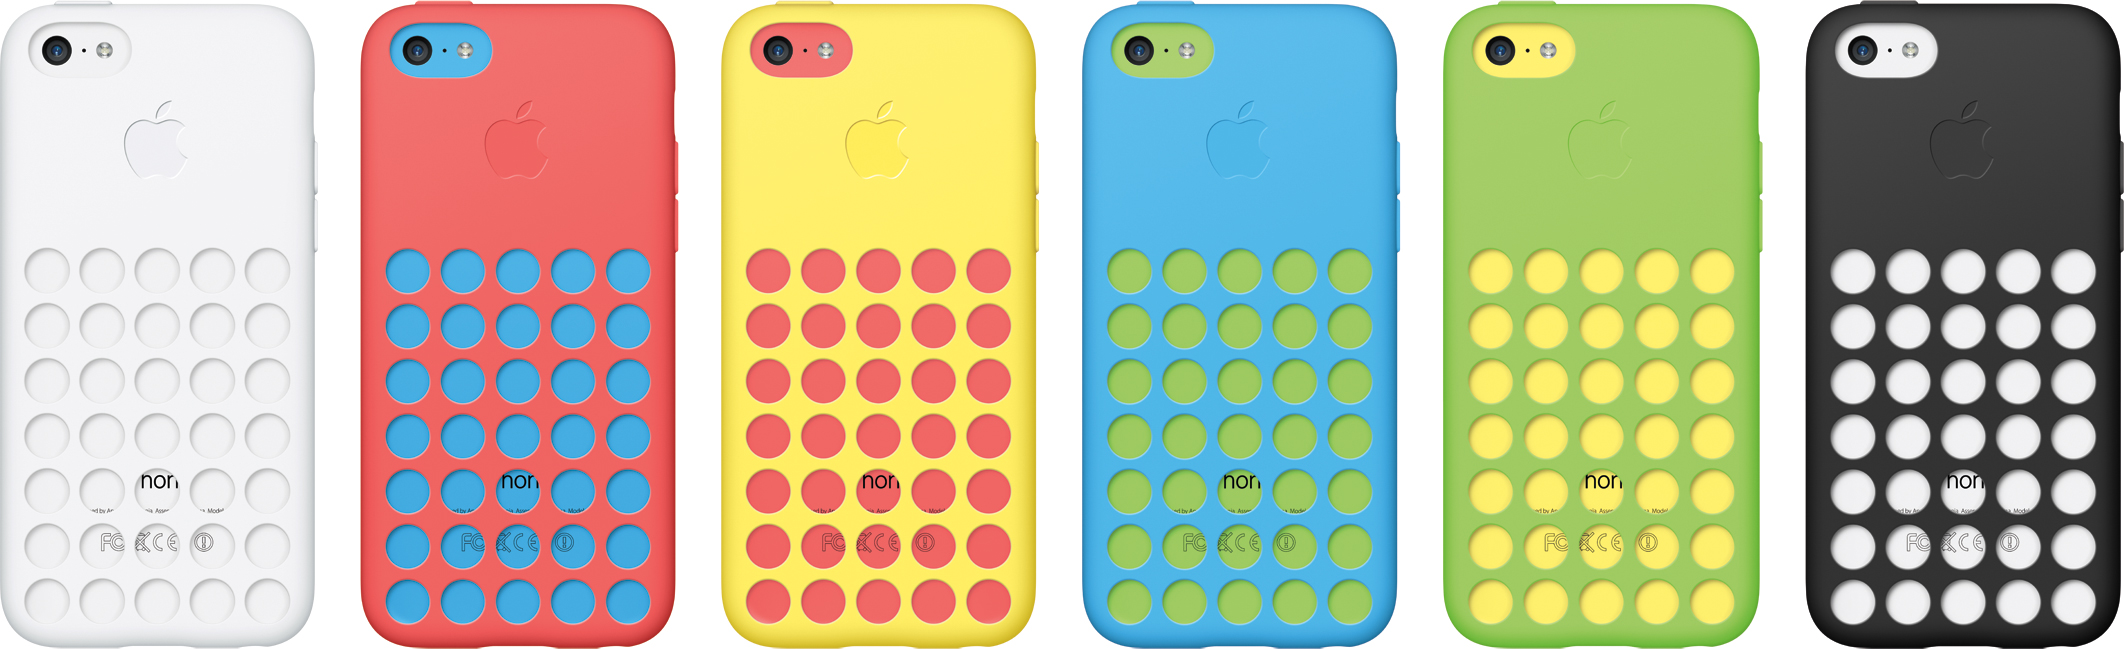 iPhones 5c com cases